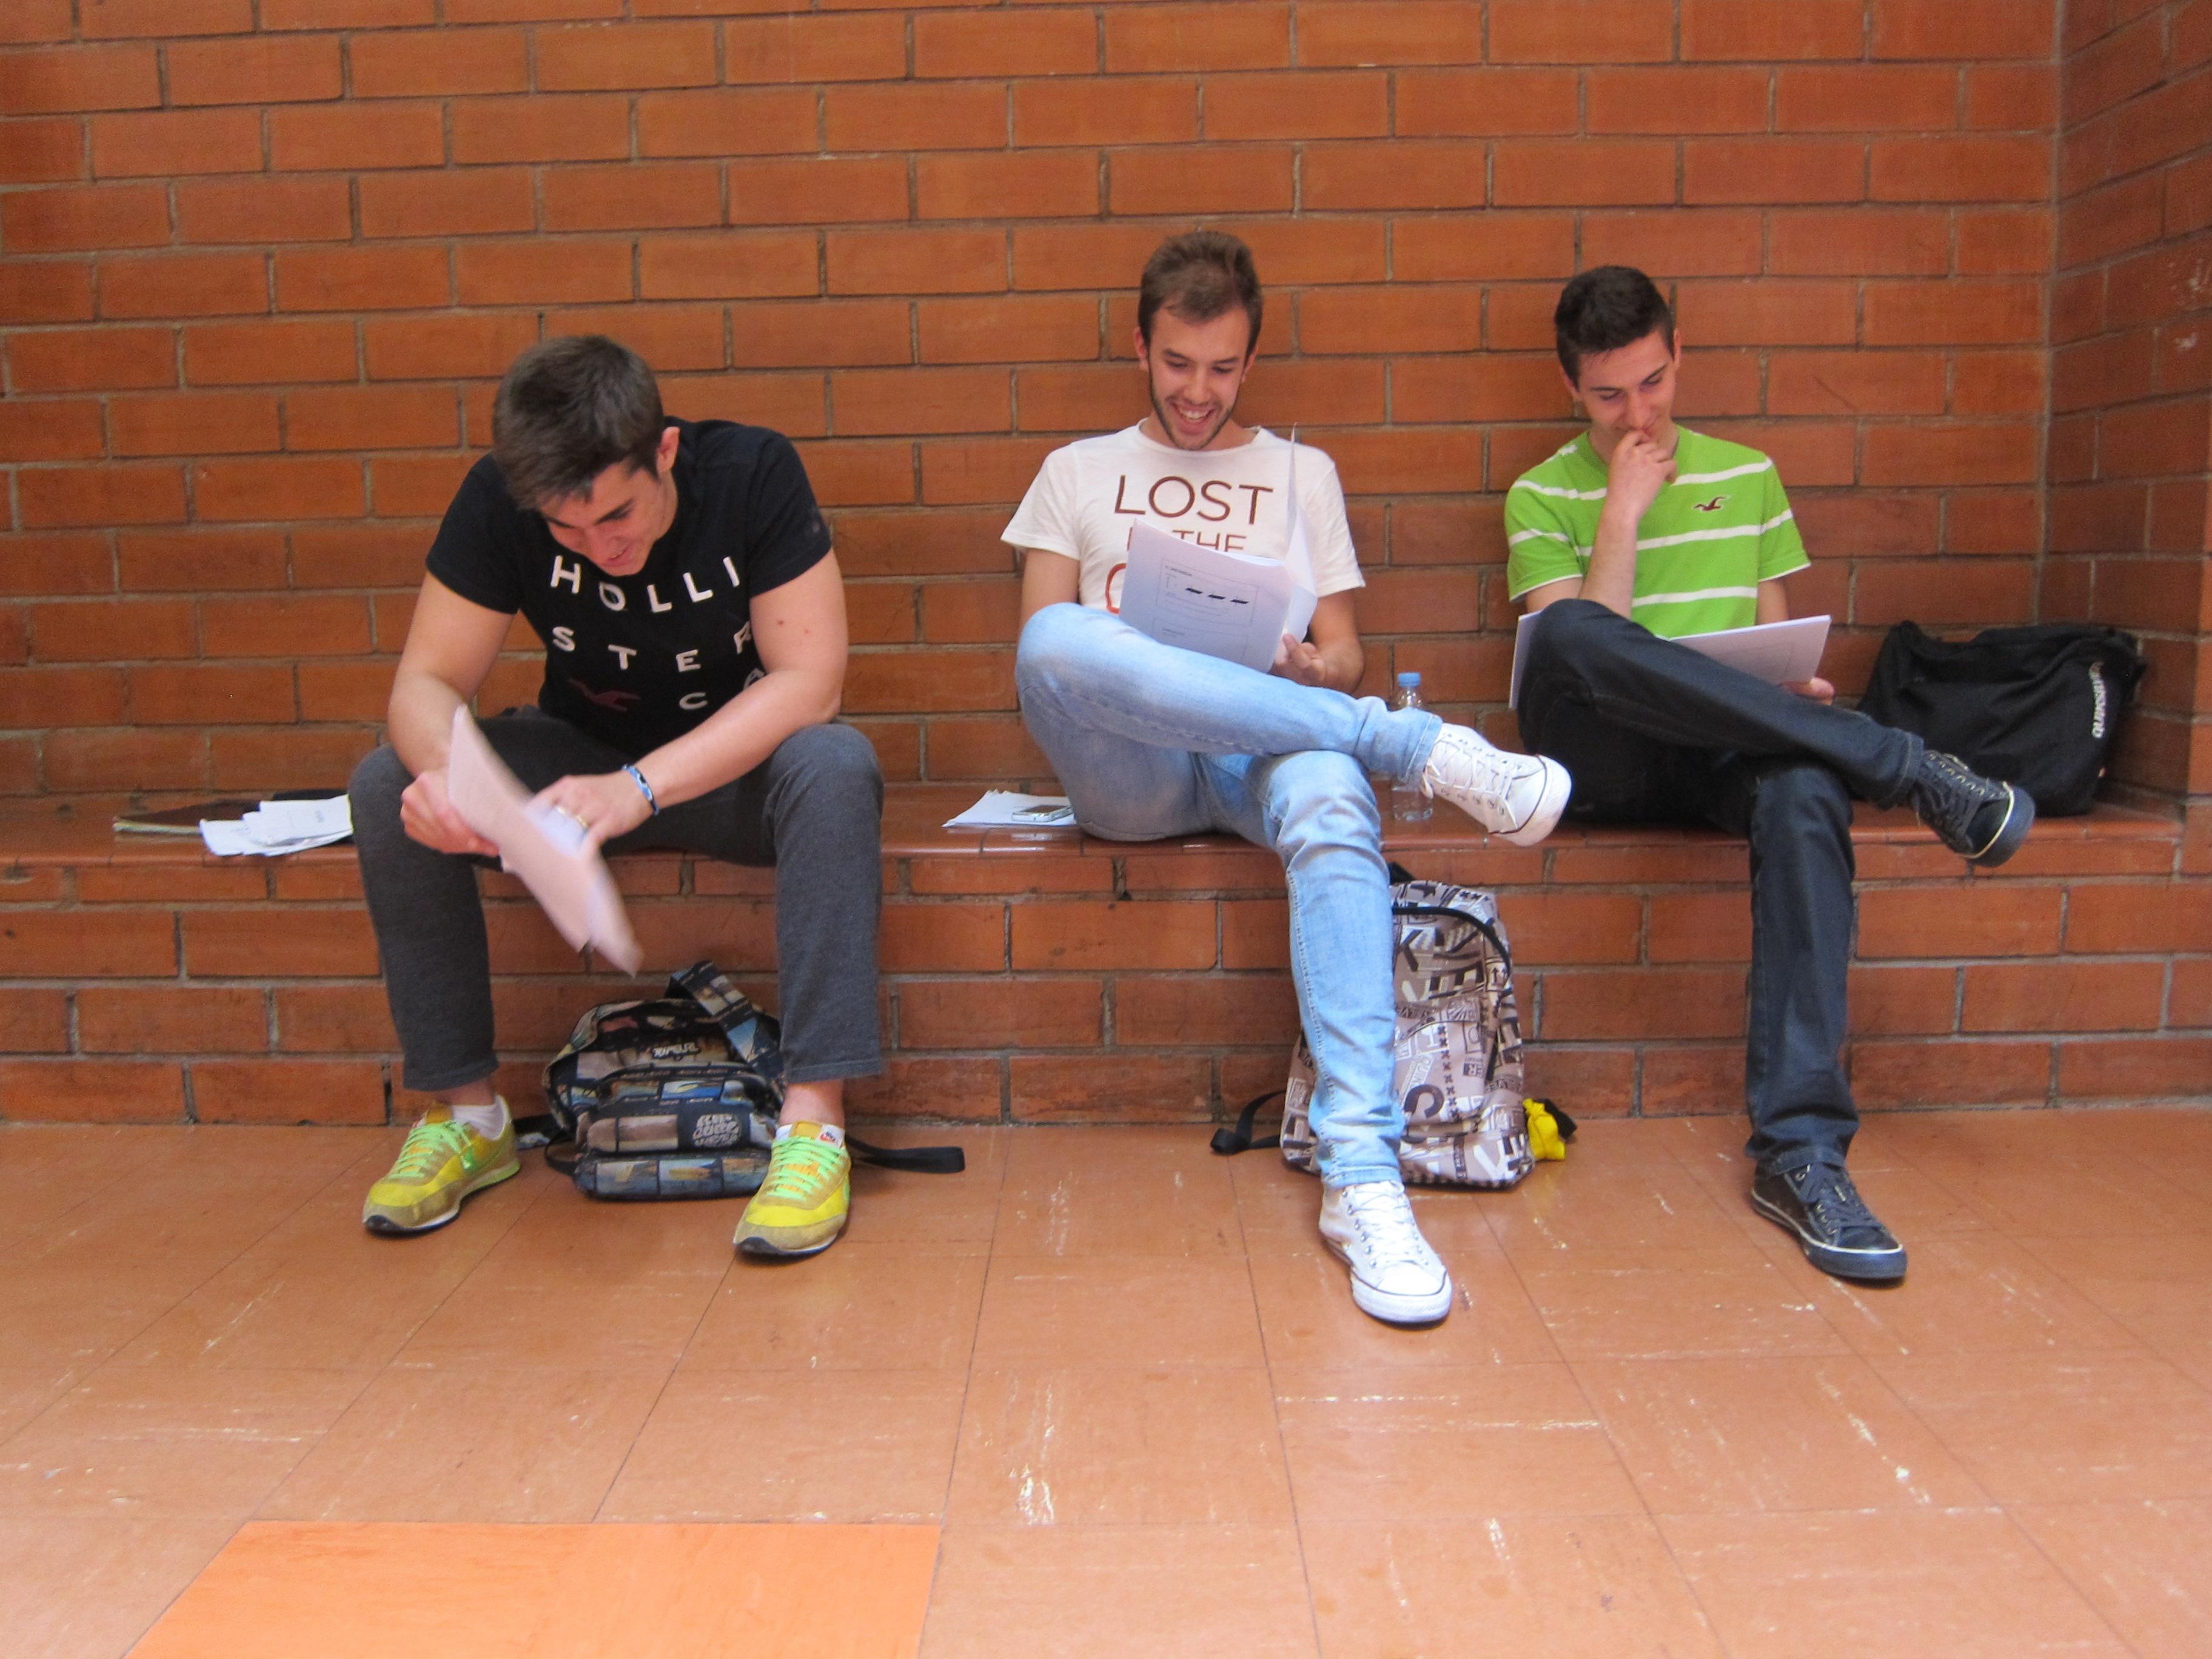 Un ejercico de matemáticas siembra la confusión en la Selectividad catalana